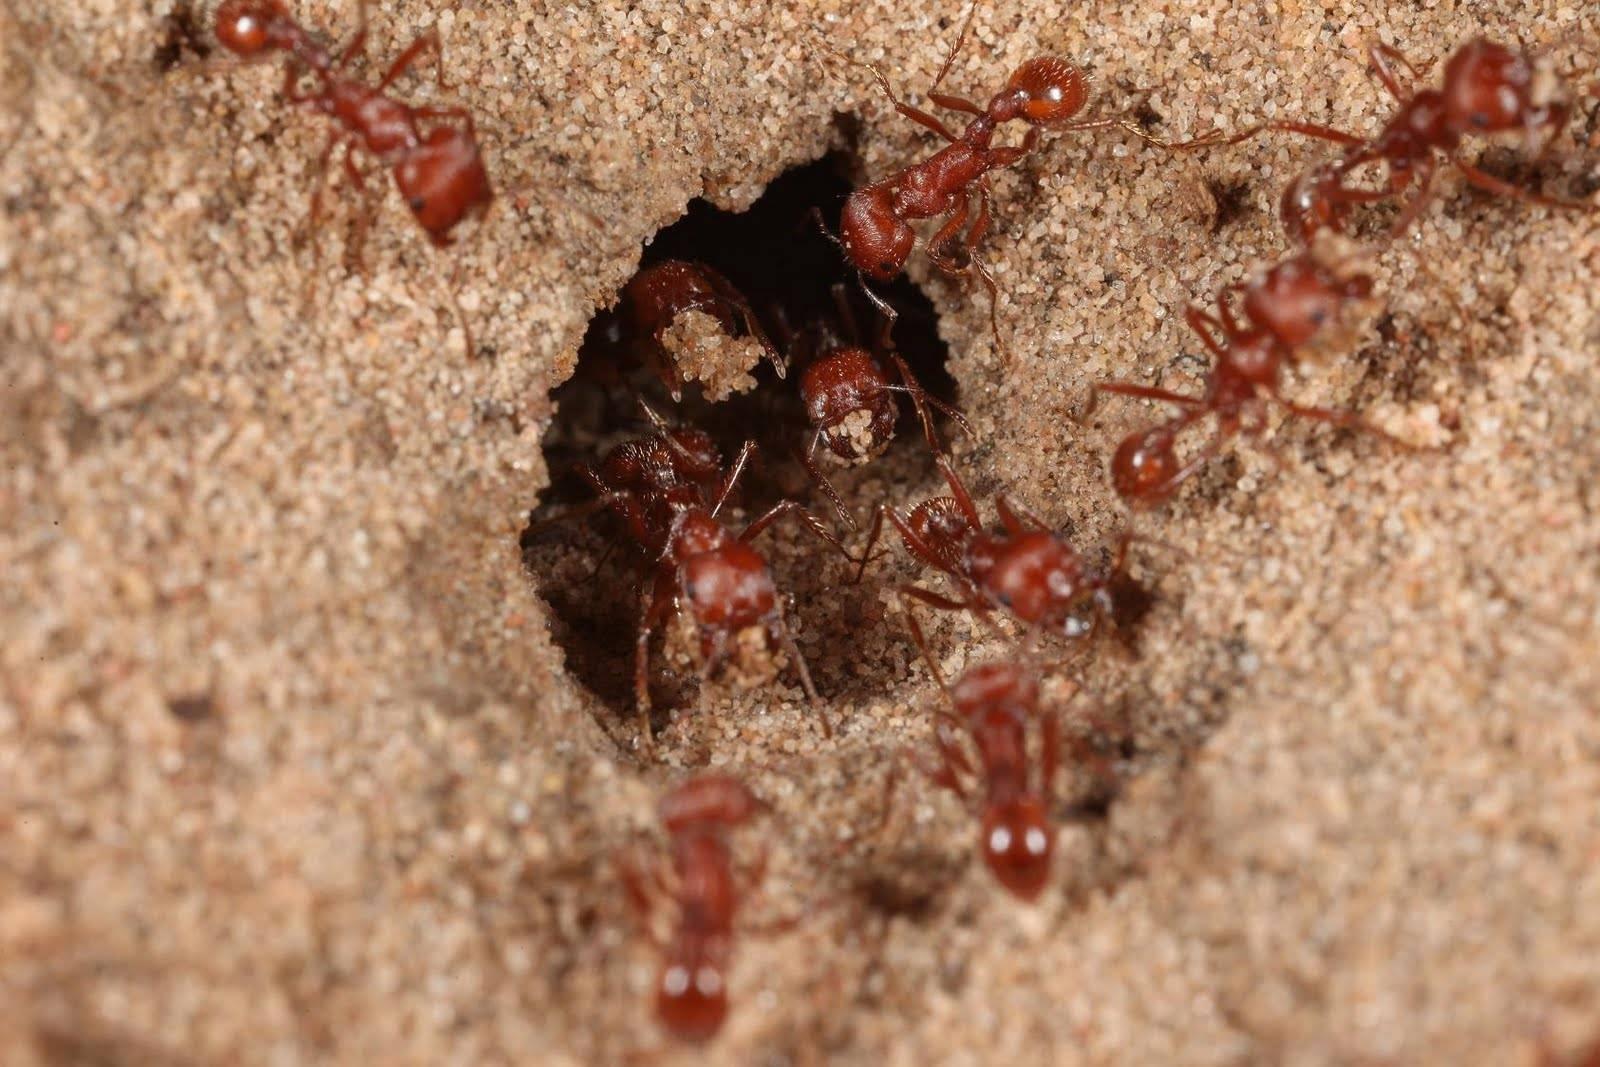 Муравей — маленький силач. описание, виды, образ жизни и среда обитания коллективного насекомого